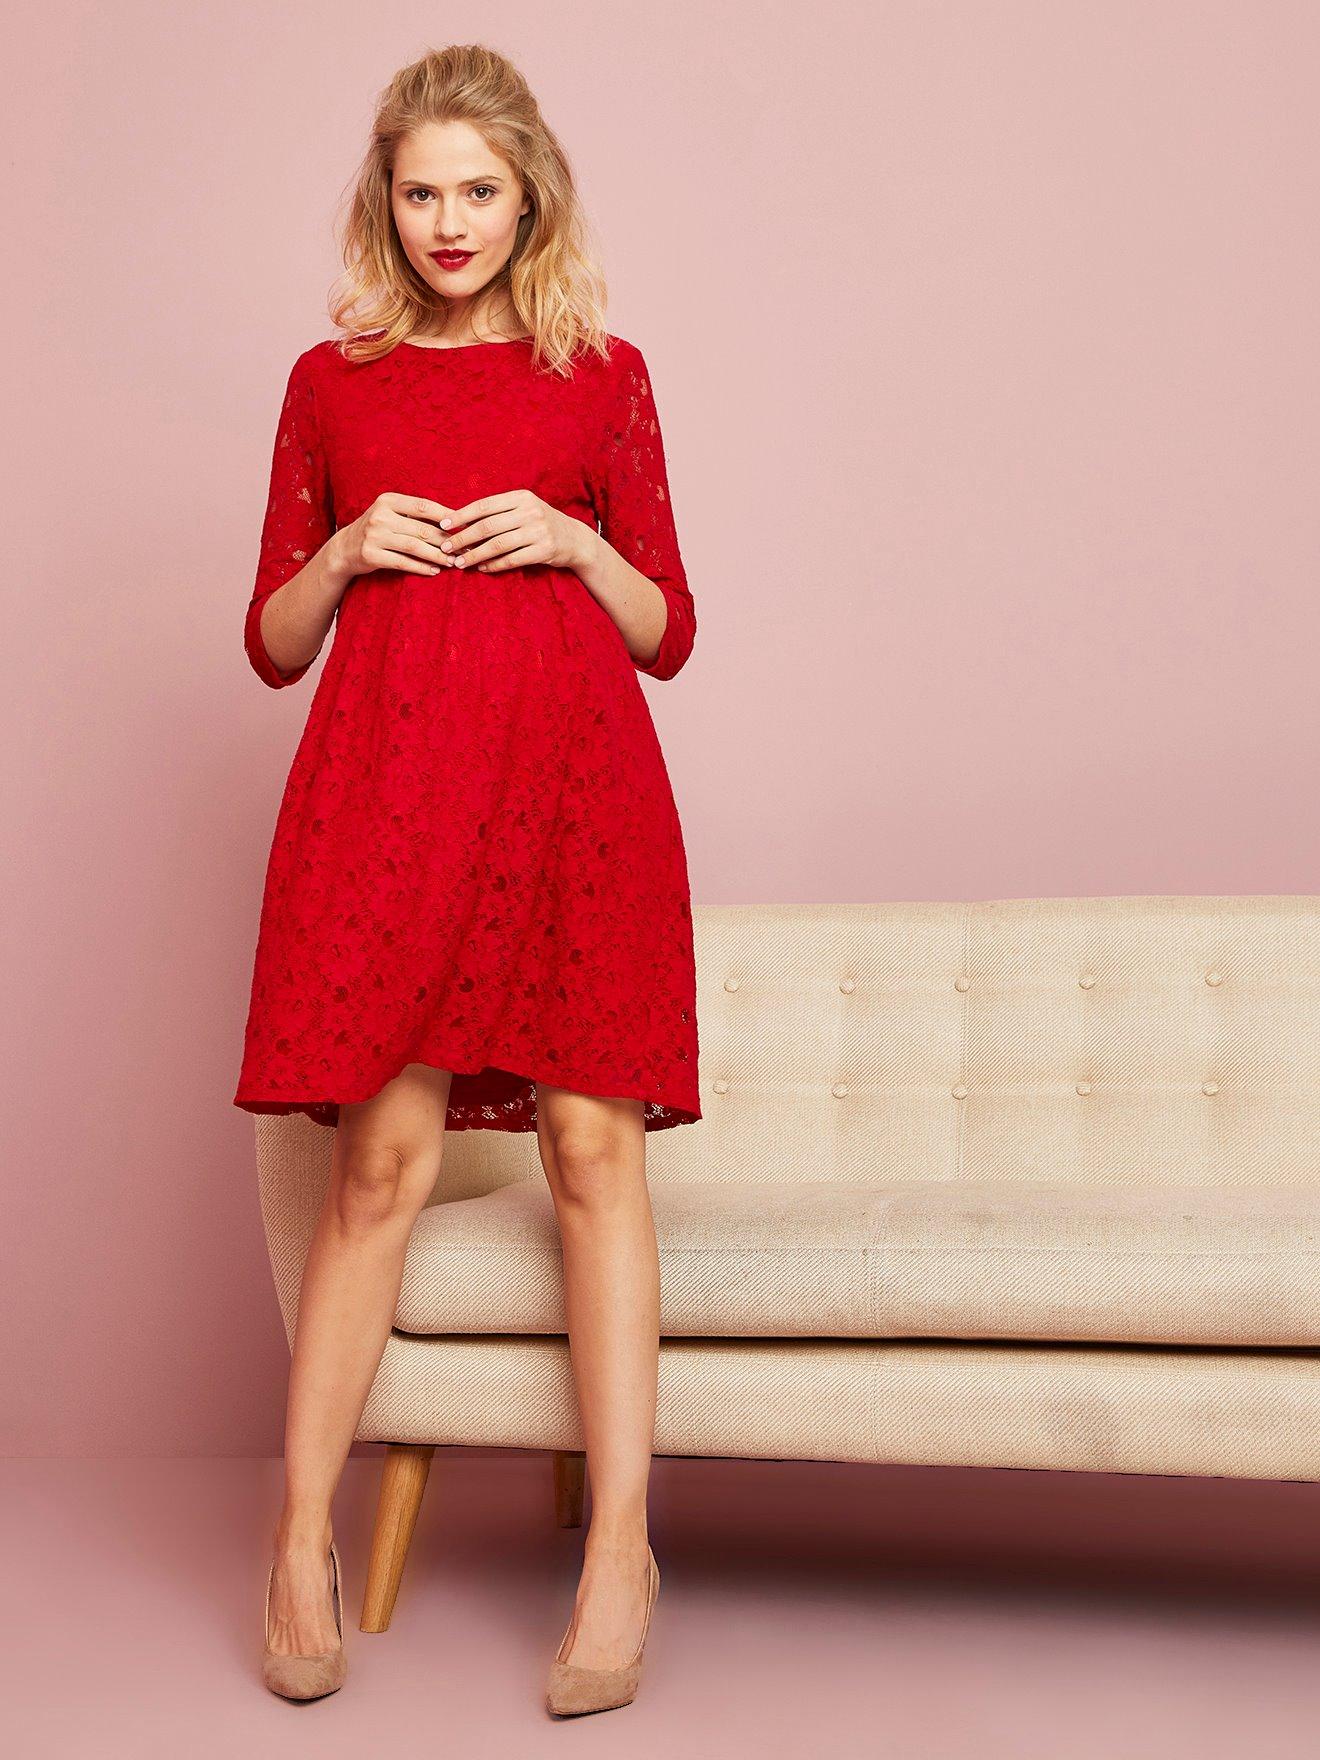 Les Plus Belles Robes De Soiree Pour Femme Enceinte Hyper Stylee